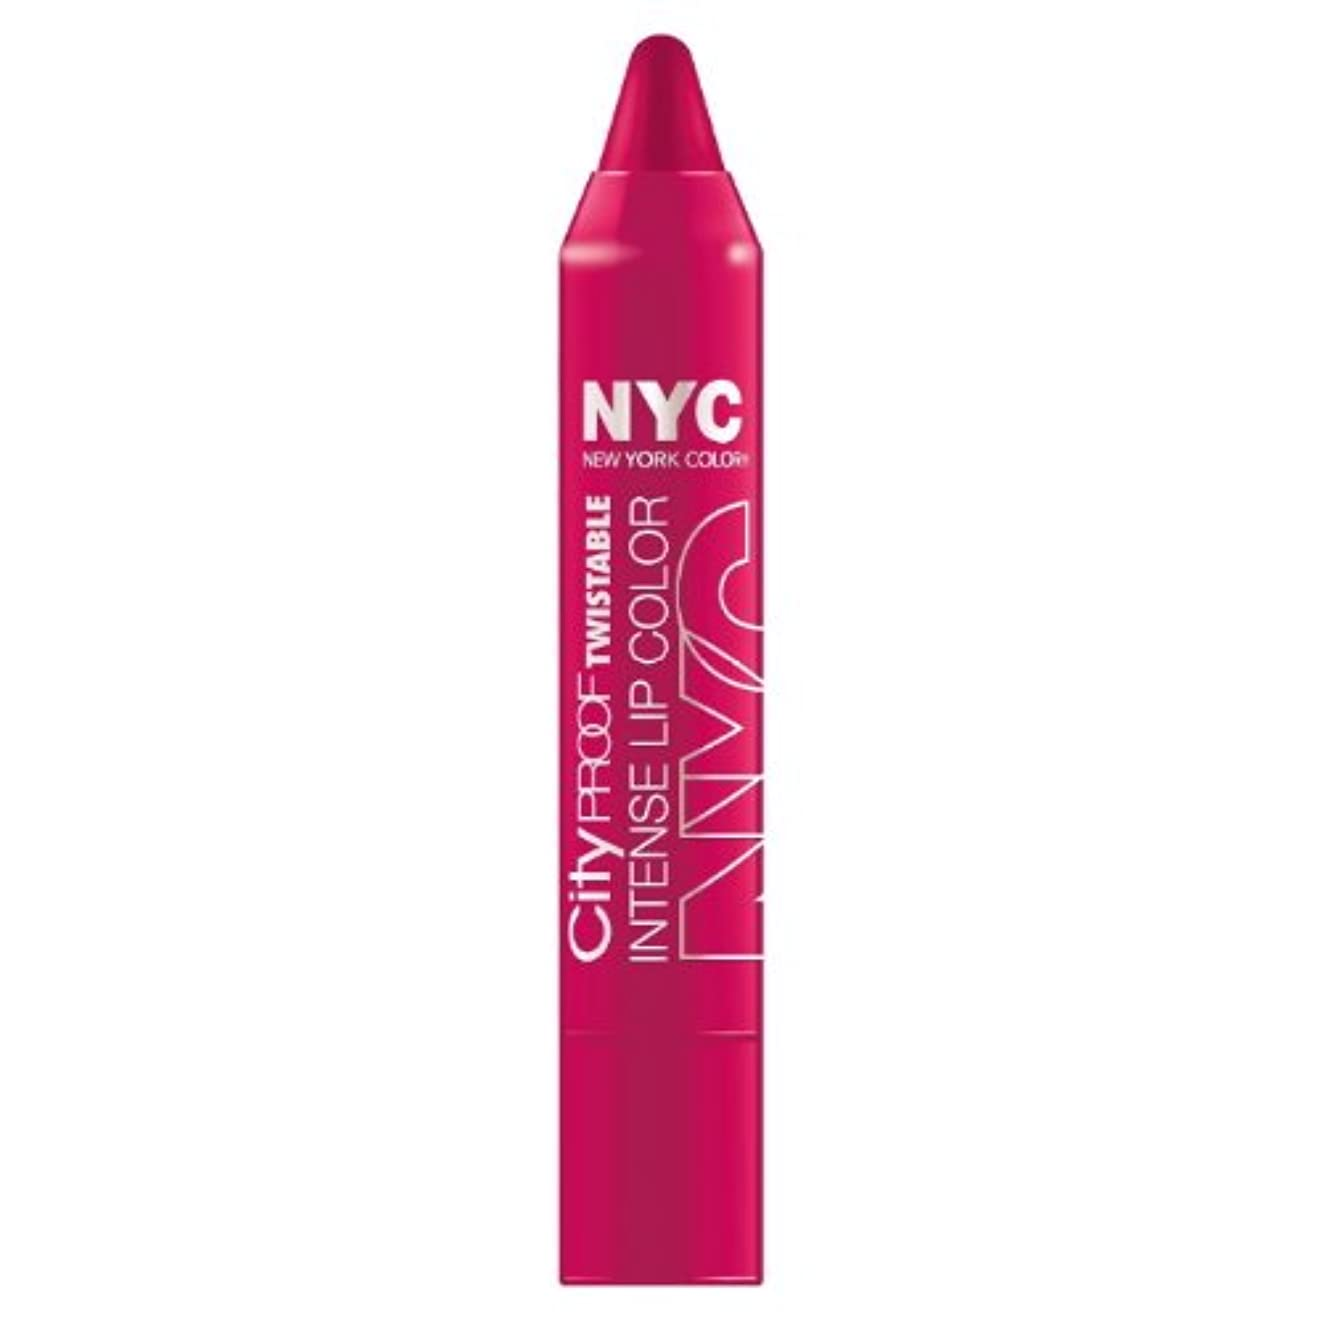 ミンチ届ける帽子(3 Pack) NYC City Proof Twistable Intense Lip Color - Ballroom Blush (並行輸入品)